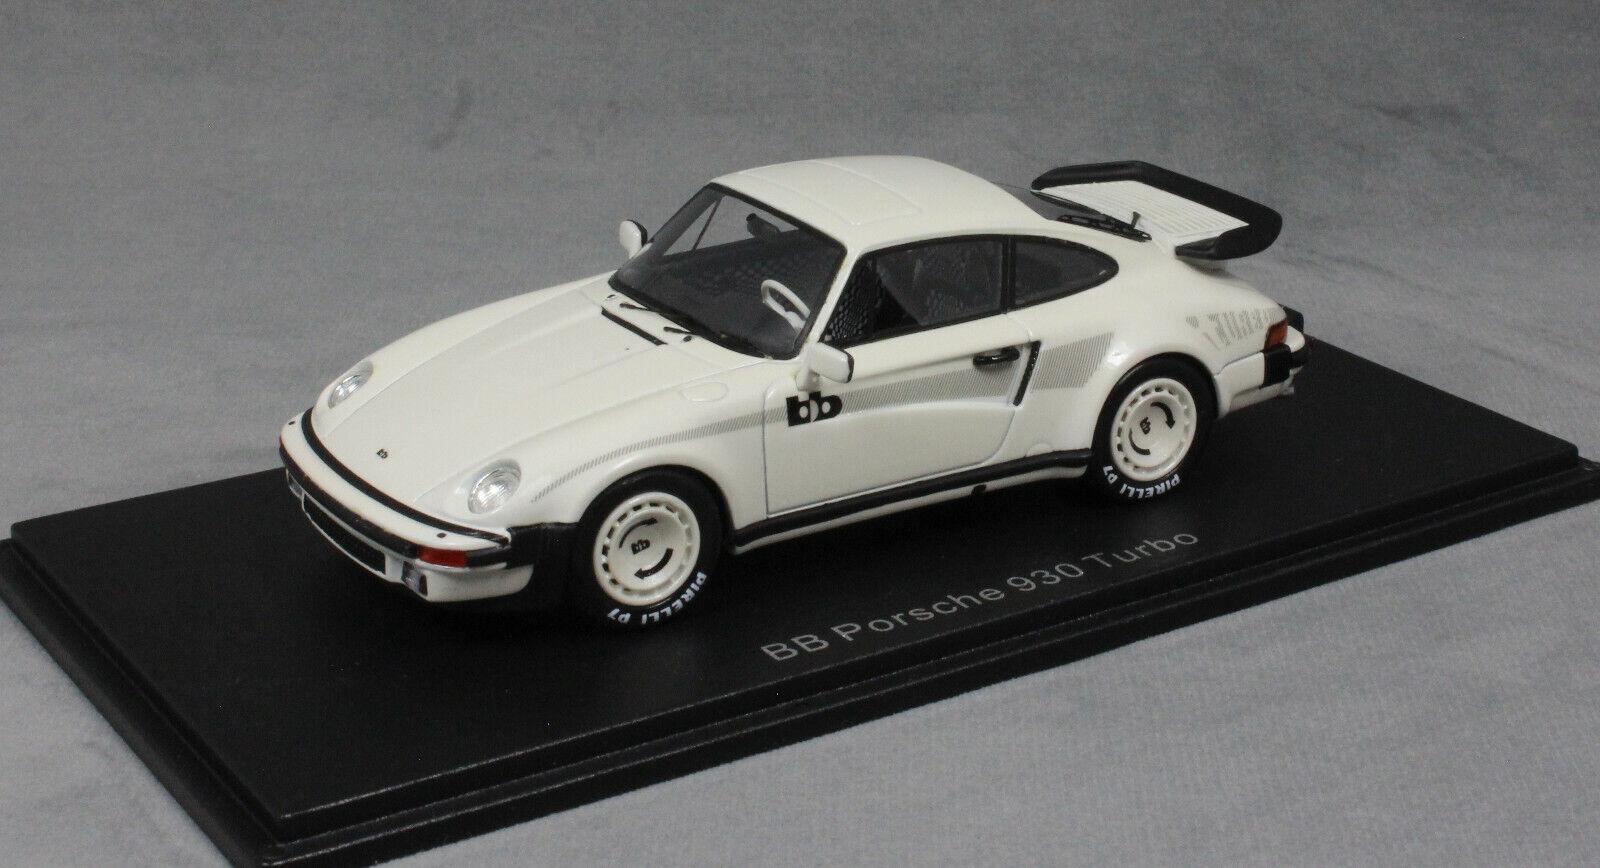 NEO Models Porsche 911 Turbo 930 quale modificato da BB TUNING IN BIANCO 46585 1/43NEW